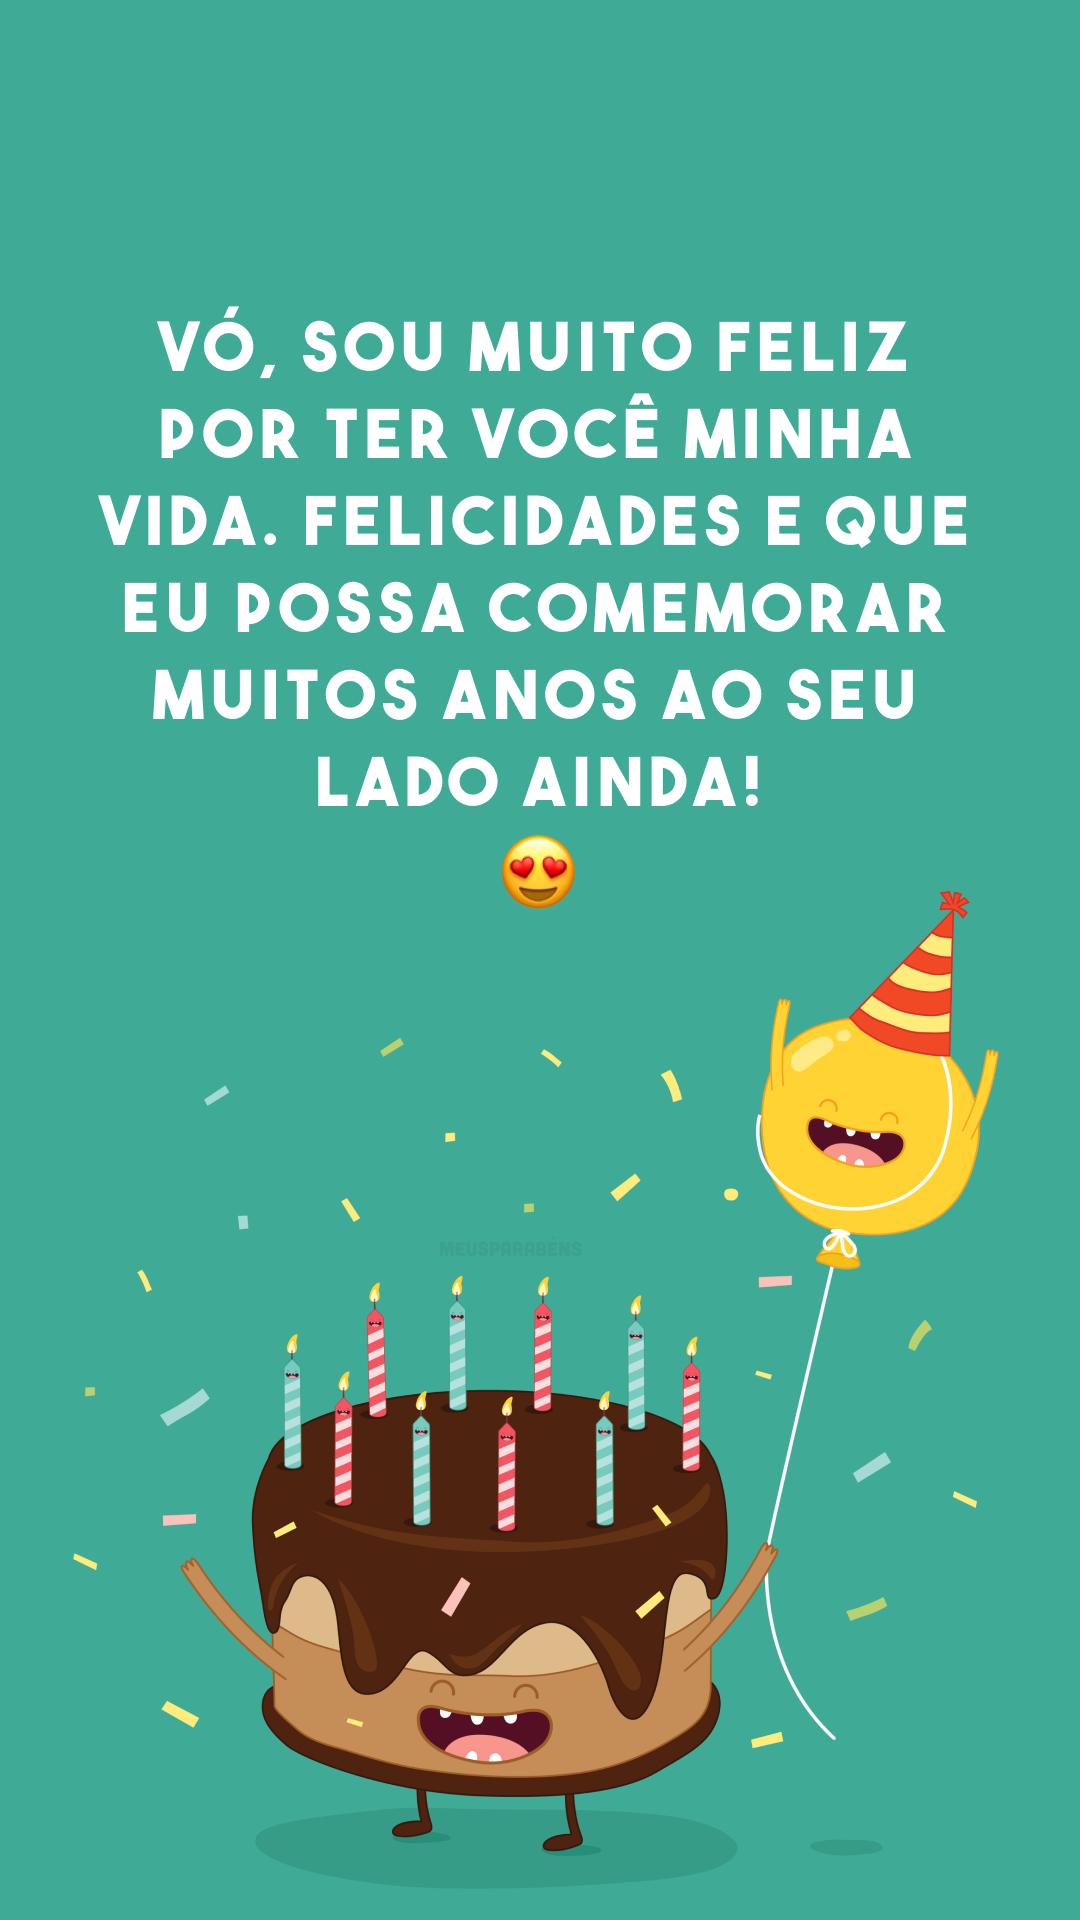 Vó, sou muito feliz por ter você minha vida. Felicidades e que eu possa comemorar muitos anos ao seu lado ainda! 😍